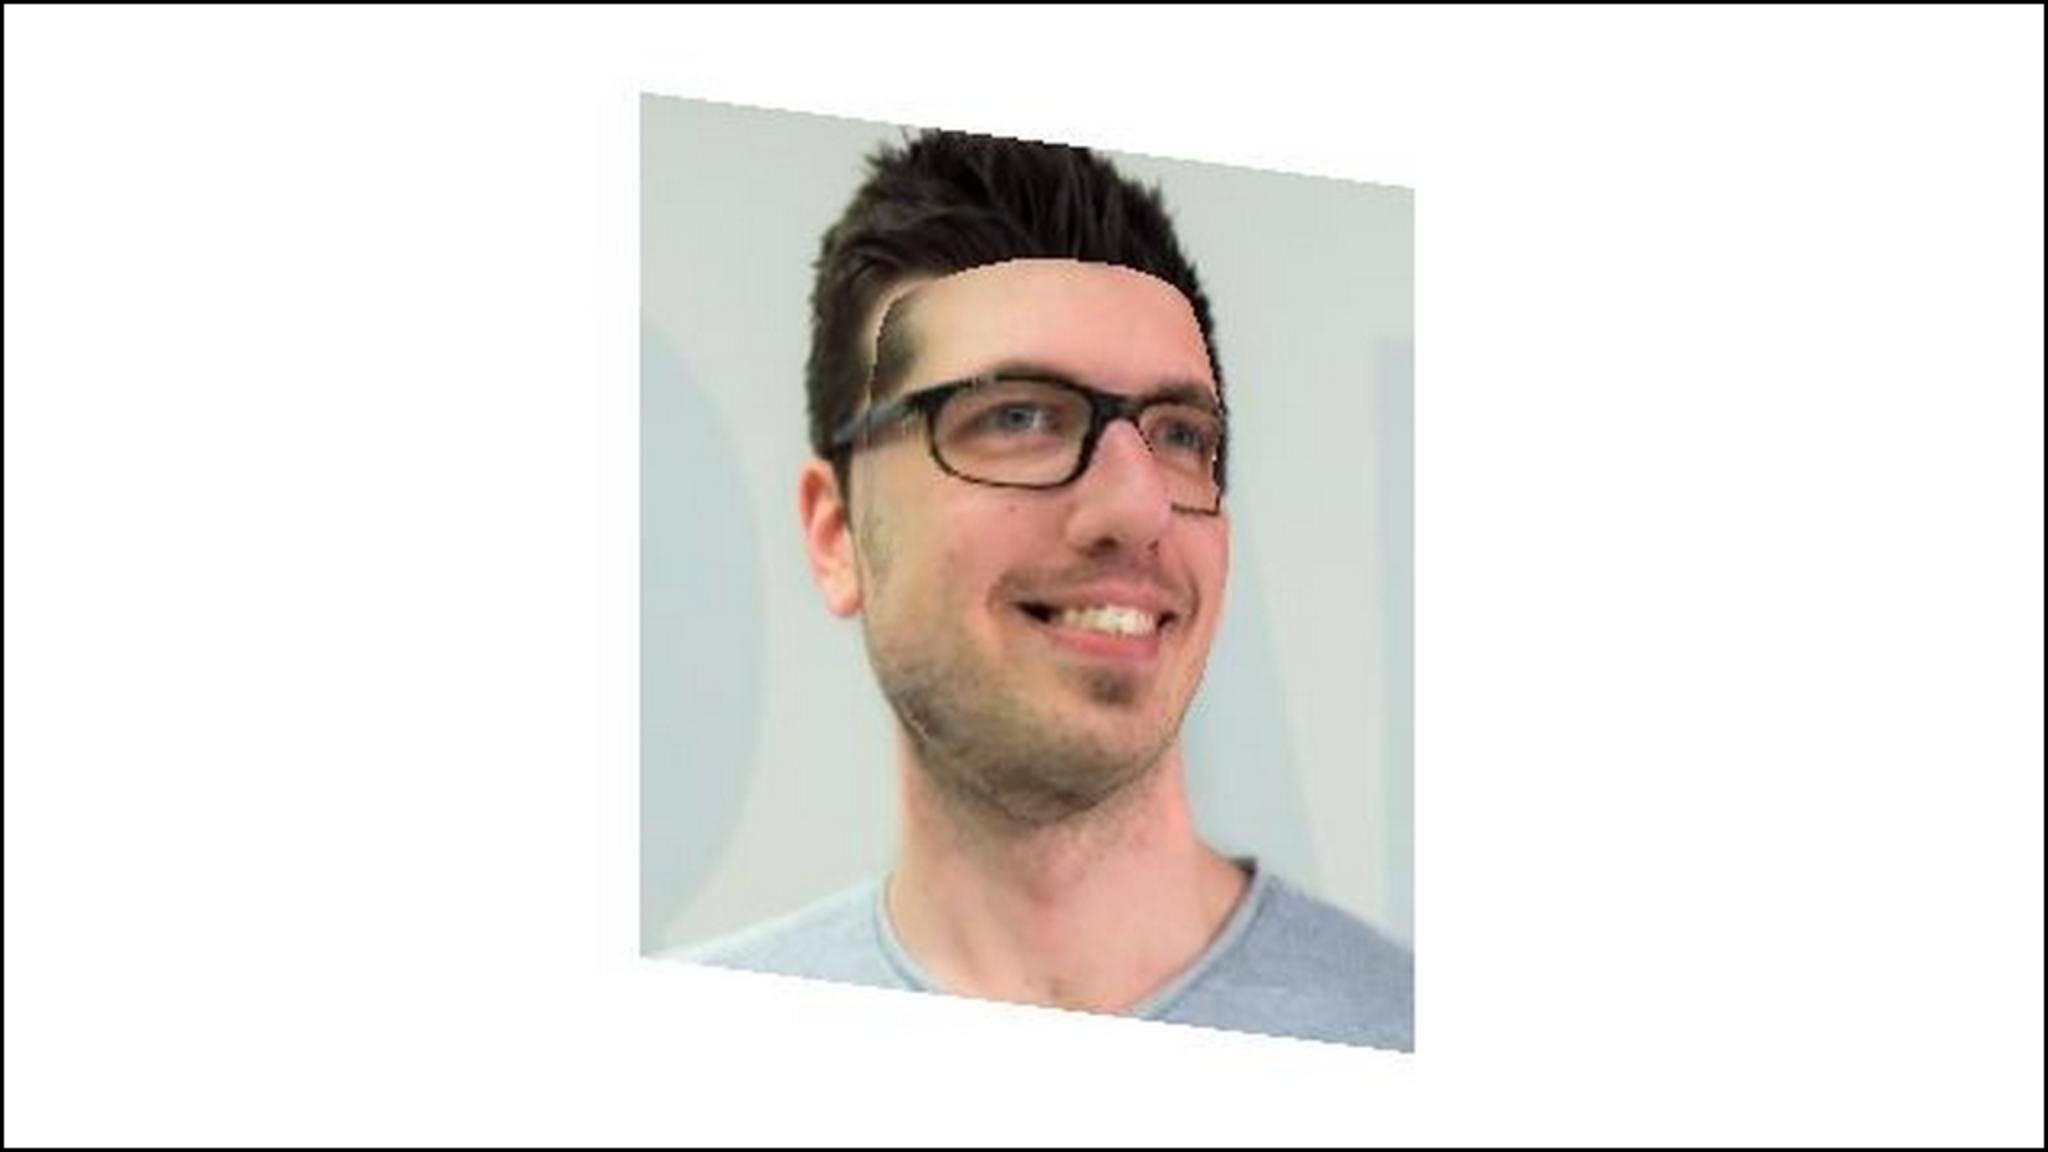 Eine kostenlose Software macht Fotos zu 3D-Gesichtern.